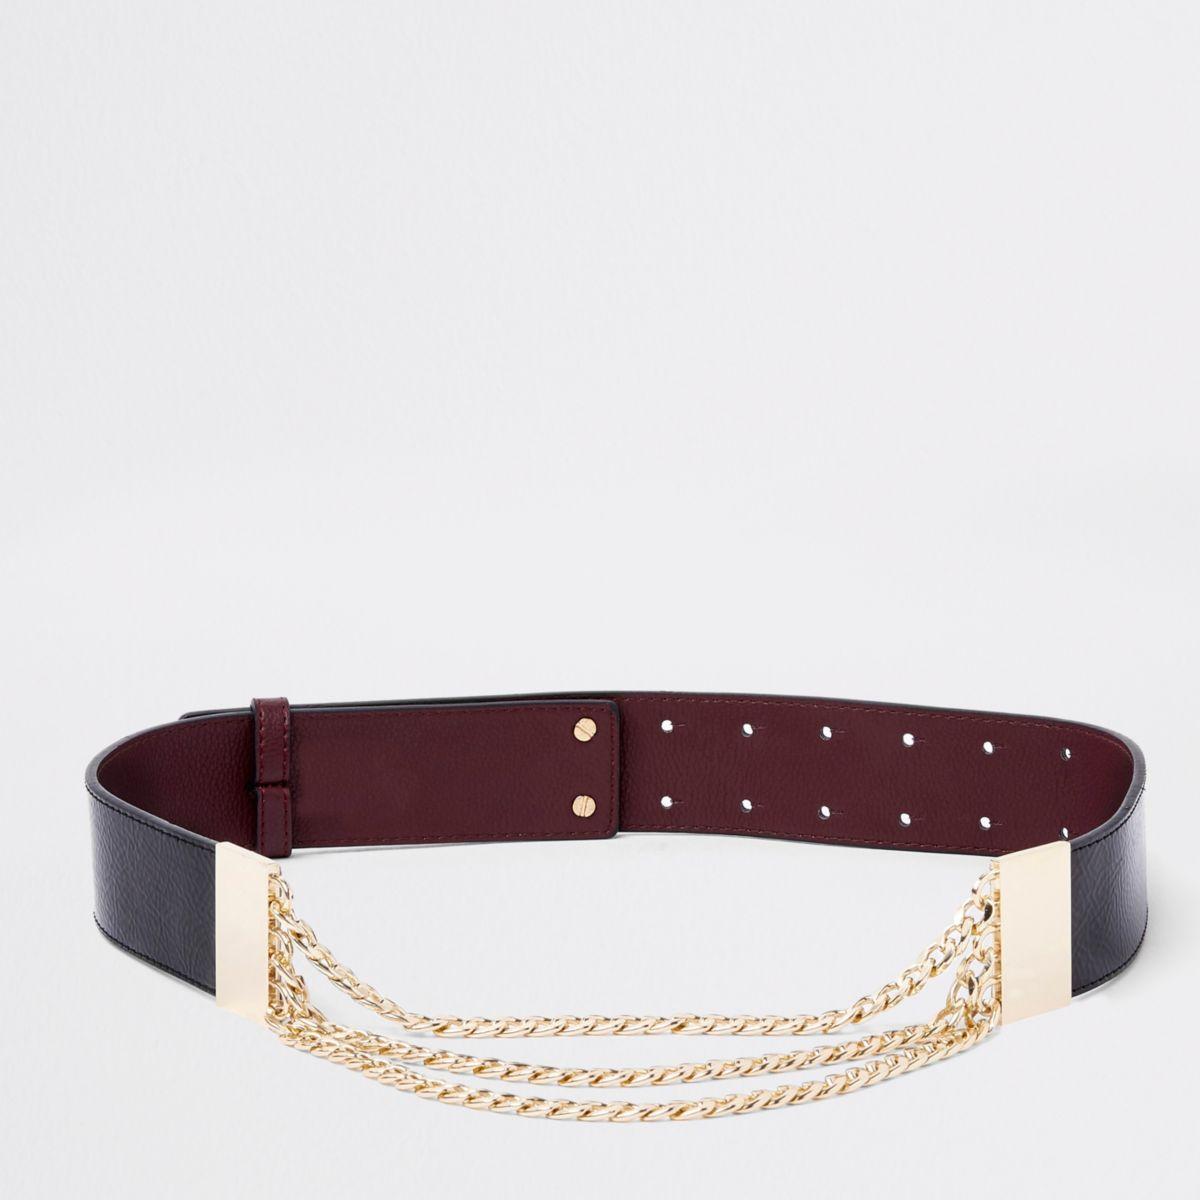 Black snake chain waist belt